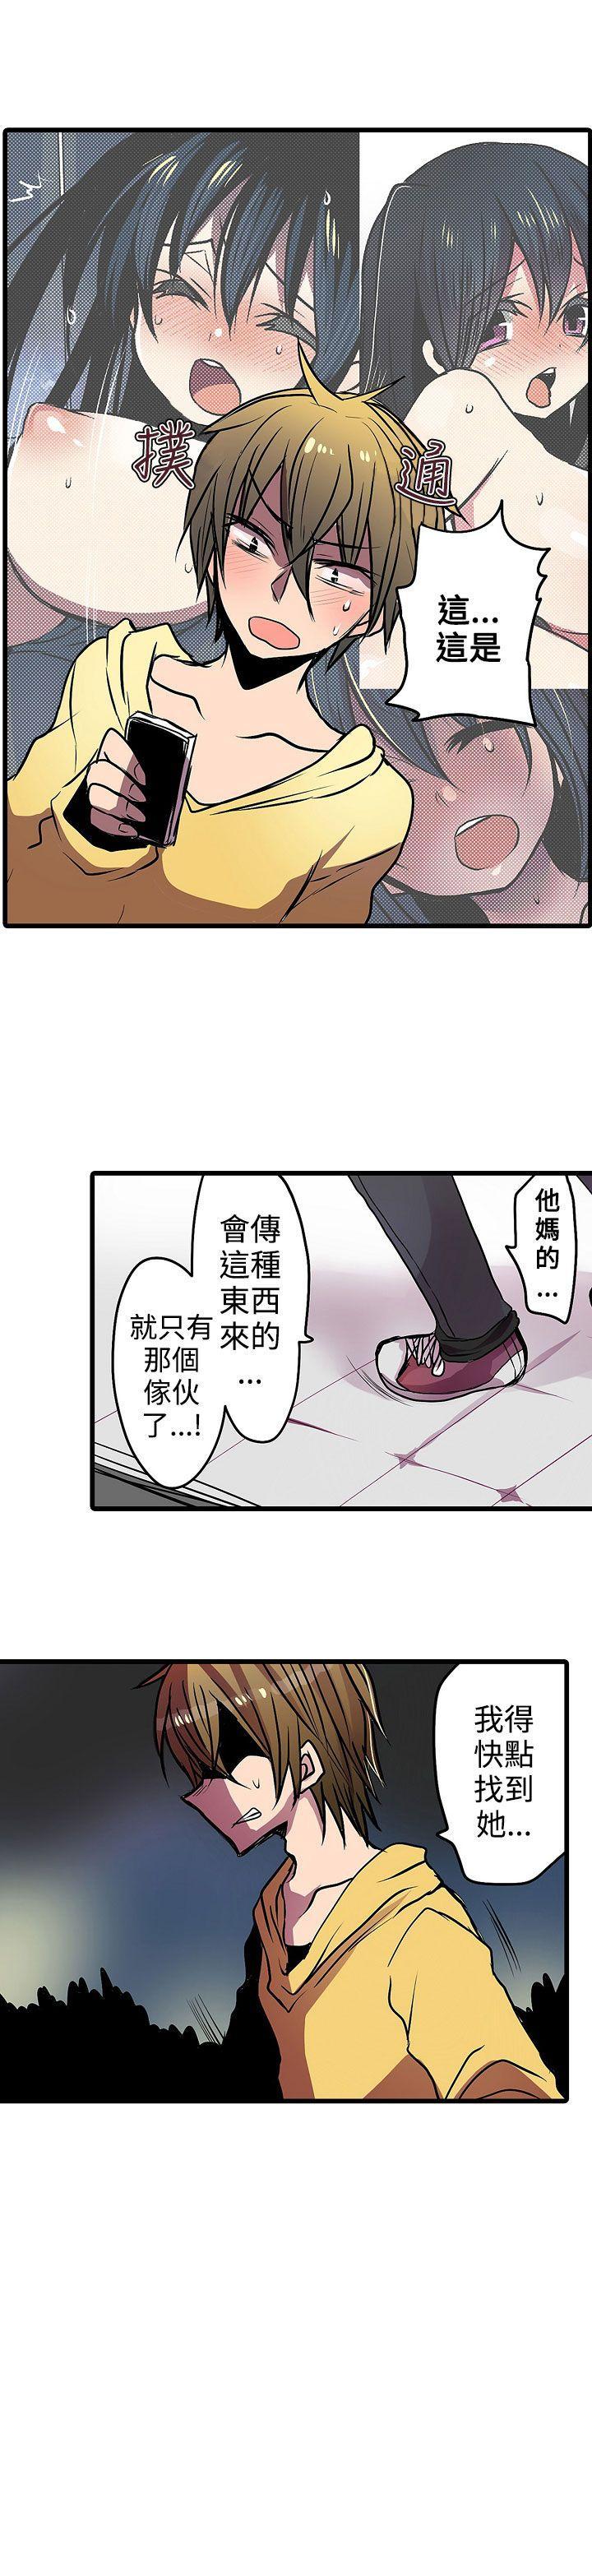 凌辱贩卖机-第17话全彩韩漫标签